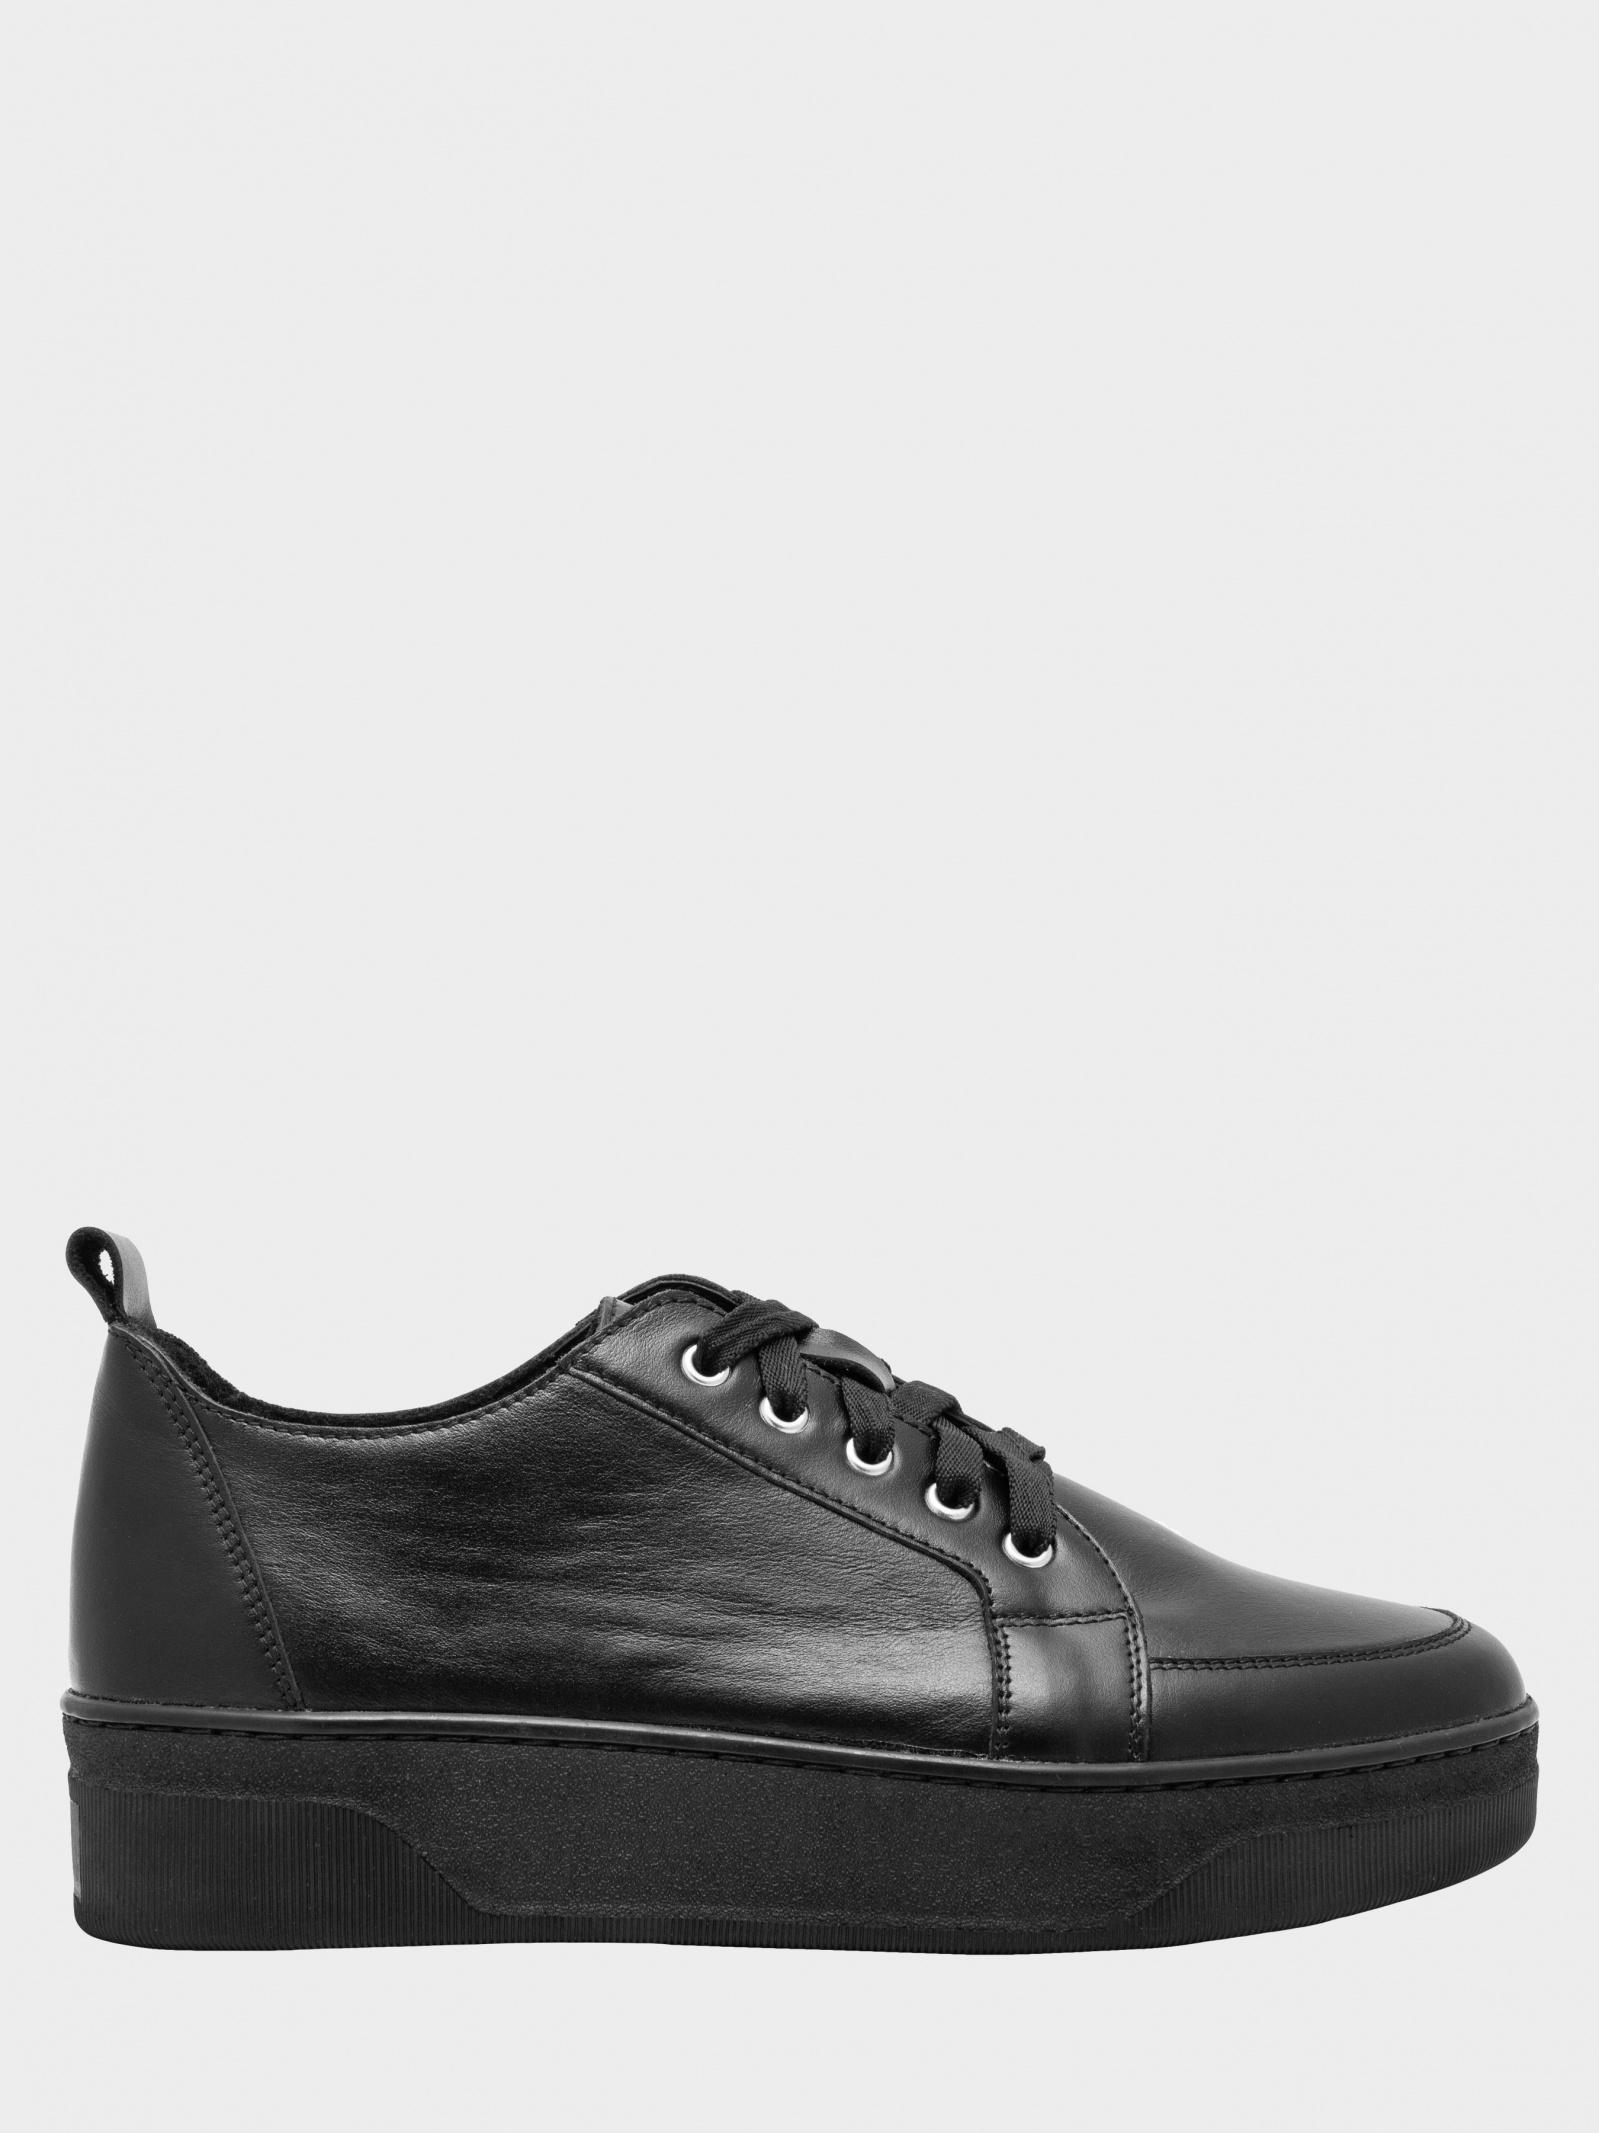 Туфли для женщин Туфли женские ENZO VERRATTI 18-3265-8 брендовая обувь, 2017